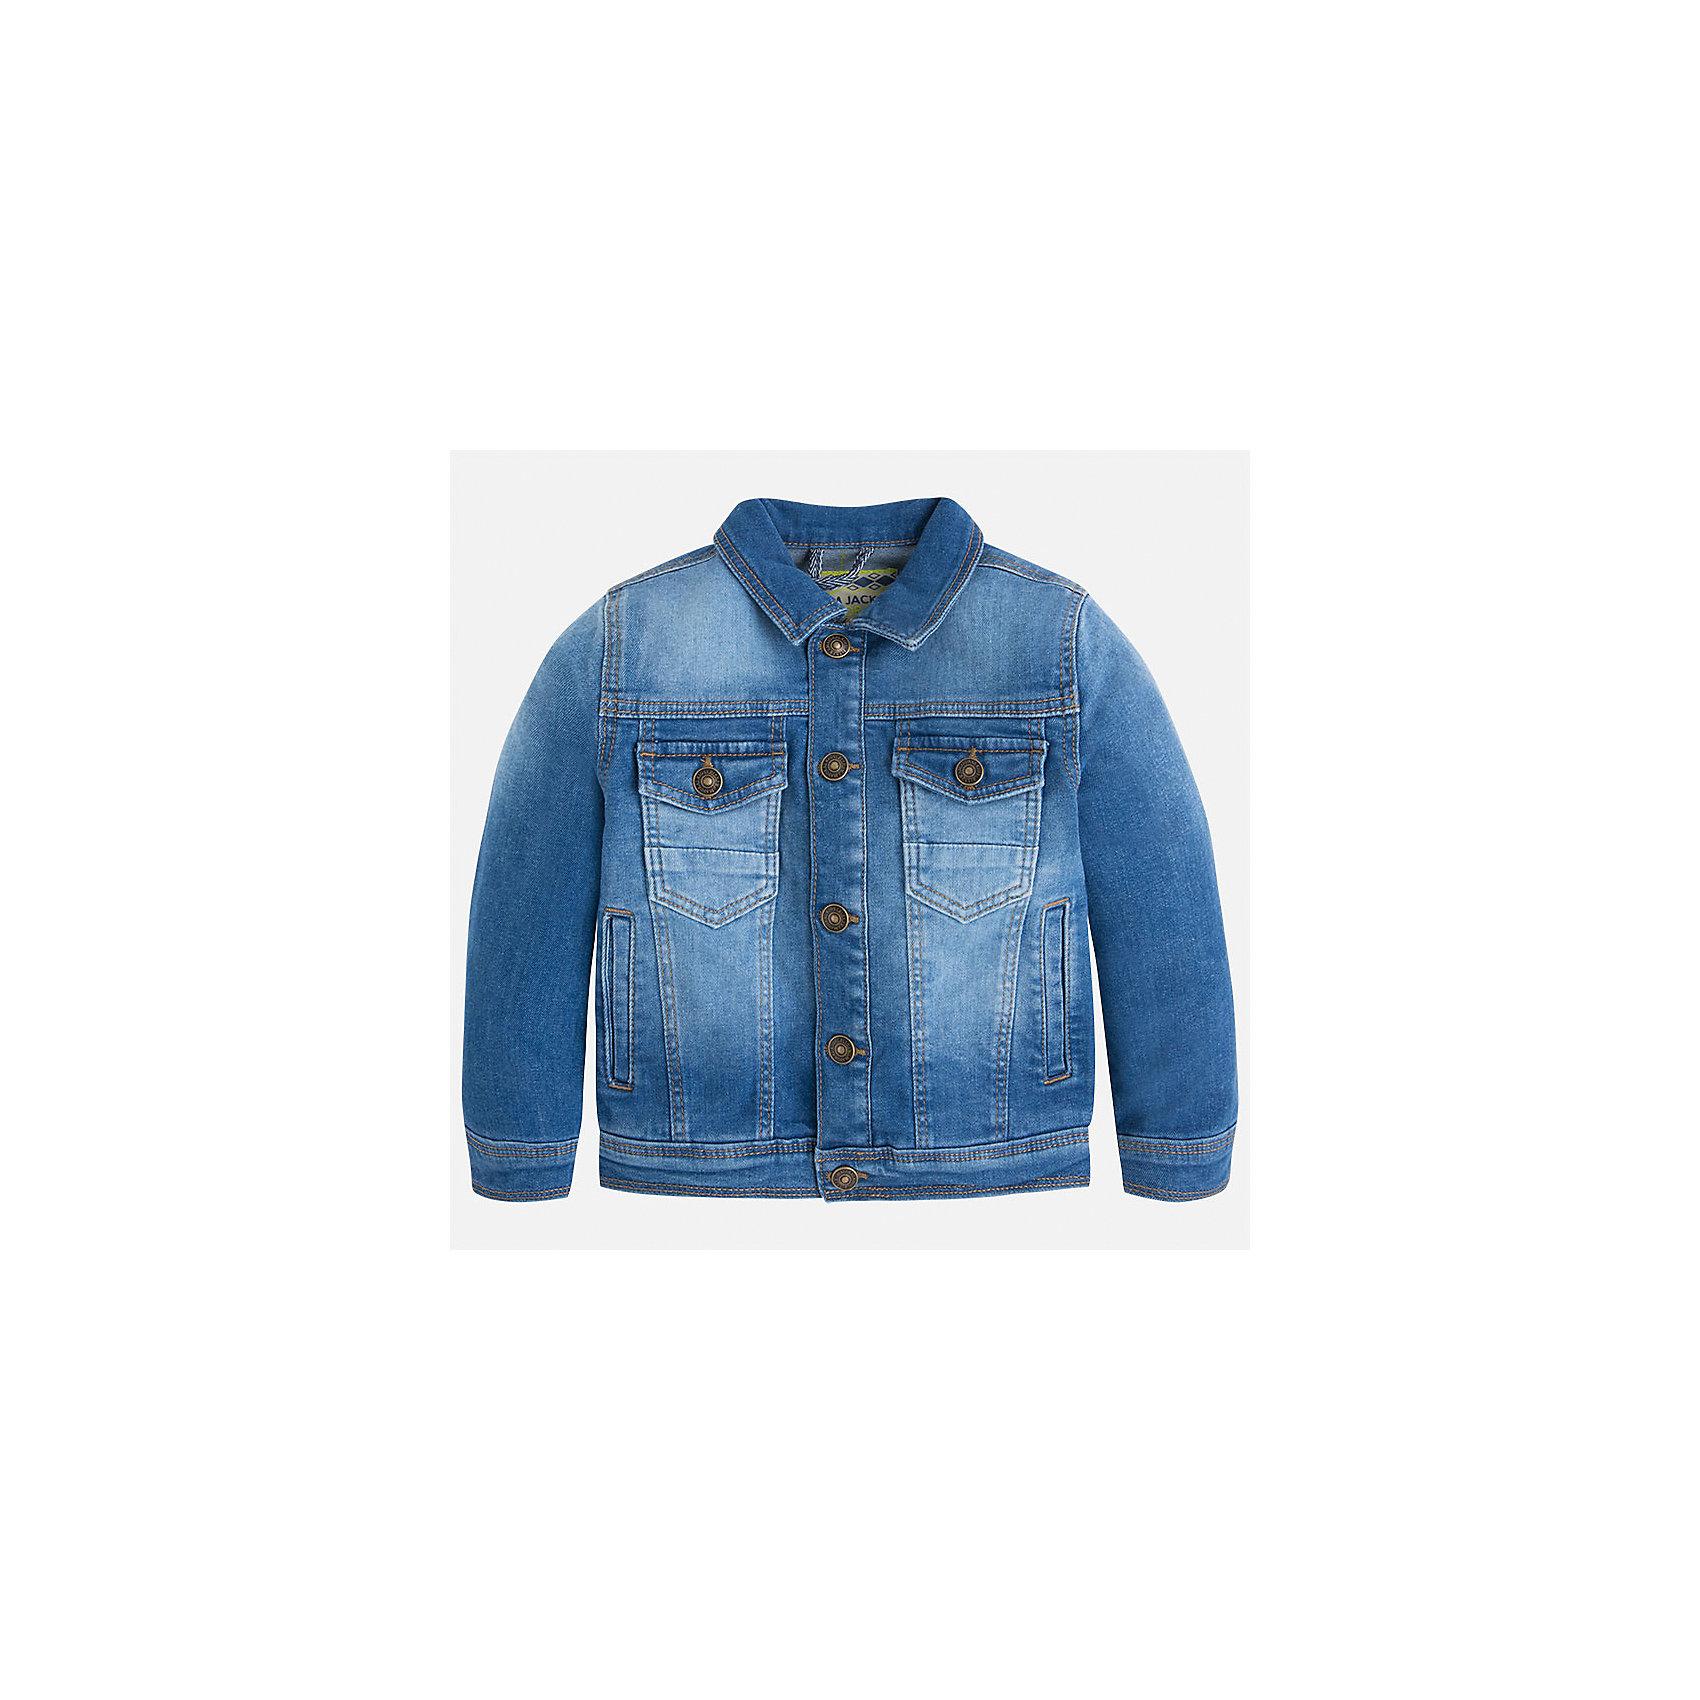 Куртка джинсовая для мальчика MayoralХарактеристики товара:<br><br>• цвет: синий<br>• состав: 97% хлопок, 3% эластан<br>• отложной воротник<br>• карманы<br>• застежка: пуговицы<br>• эффект потертостей<br>• страна бренда: Испания<br><br>Джинсовая куртка для мальчика может стать базовой вещью в гардеробе ребенка. Она отлично сочетается с майками, футболками, рубашками и т.д. Универсальный крой и цвет позволяет подобрать к вещи низ разных расцветок. Практичное и стильное изделие! В составе материала - натуральный хлопок, гипоаллергенный, приятный на ощупь, дышащий.<br><br>Одежда, обувь и аксессуары от испанского бренда Mayoral полюбились детям и взрослым по всему миру. Модели этой марки - стильные и удобные. Для их производства используются только безопасные, качественные материалы и фурнитура. Порадуйте ребенка модными и красивыми вещами от Mayoral! <br><br>Куртку для мальчика от испанского бренда Mayoral (Майорал) можно купить в нашем интернет-магазине.<br><br>Ширина мм: 356<br>Глубина мм: 10<br>Высота мм: 245<br>Вес г: 519<br>Цвет: синий<br>Возраст от месяцев: 60<br>Возраст до месяцев: 72<br>Пол: Мужской<br>Возраст: Детский<br>Размер: 116,110,104,98,92,128,134,122<br>SKU: 3143064